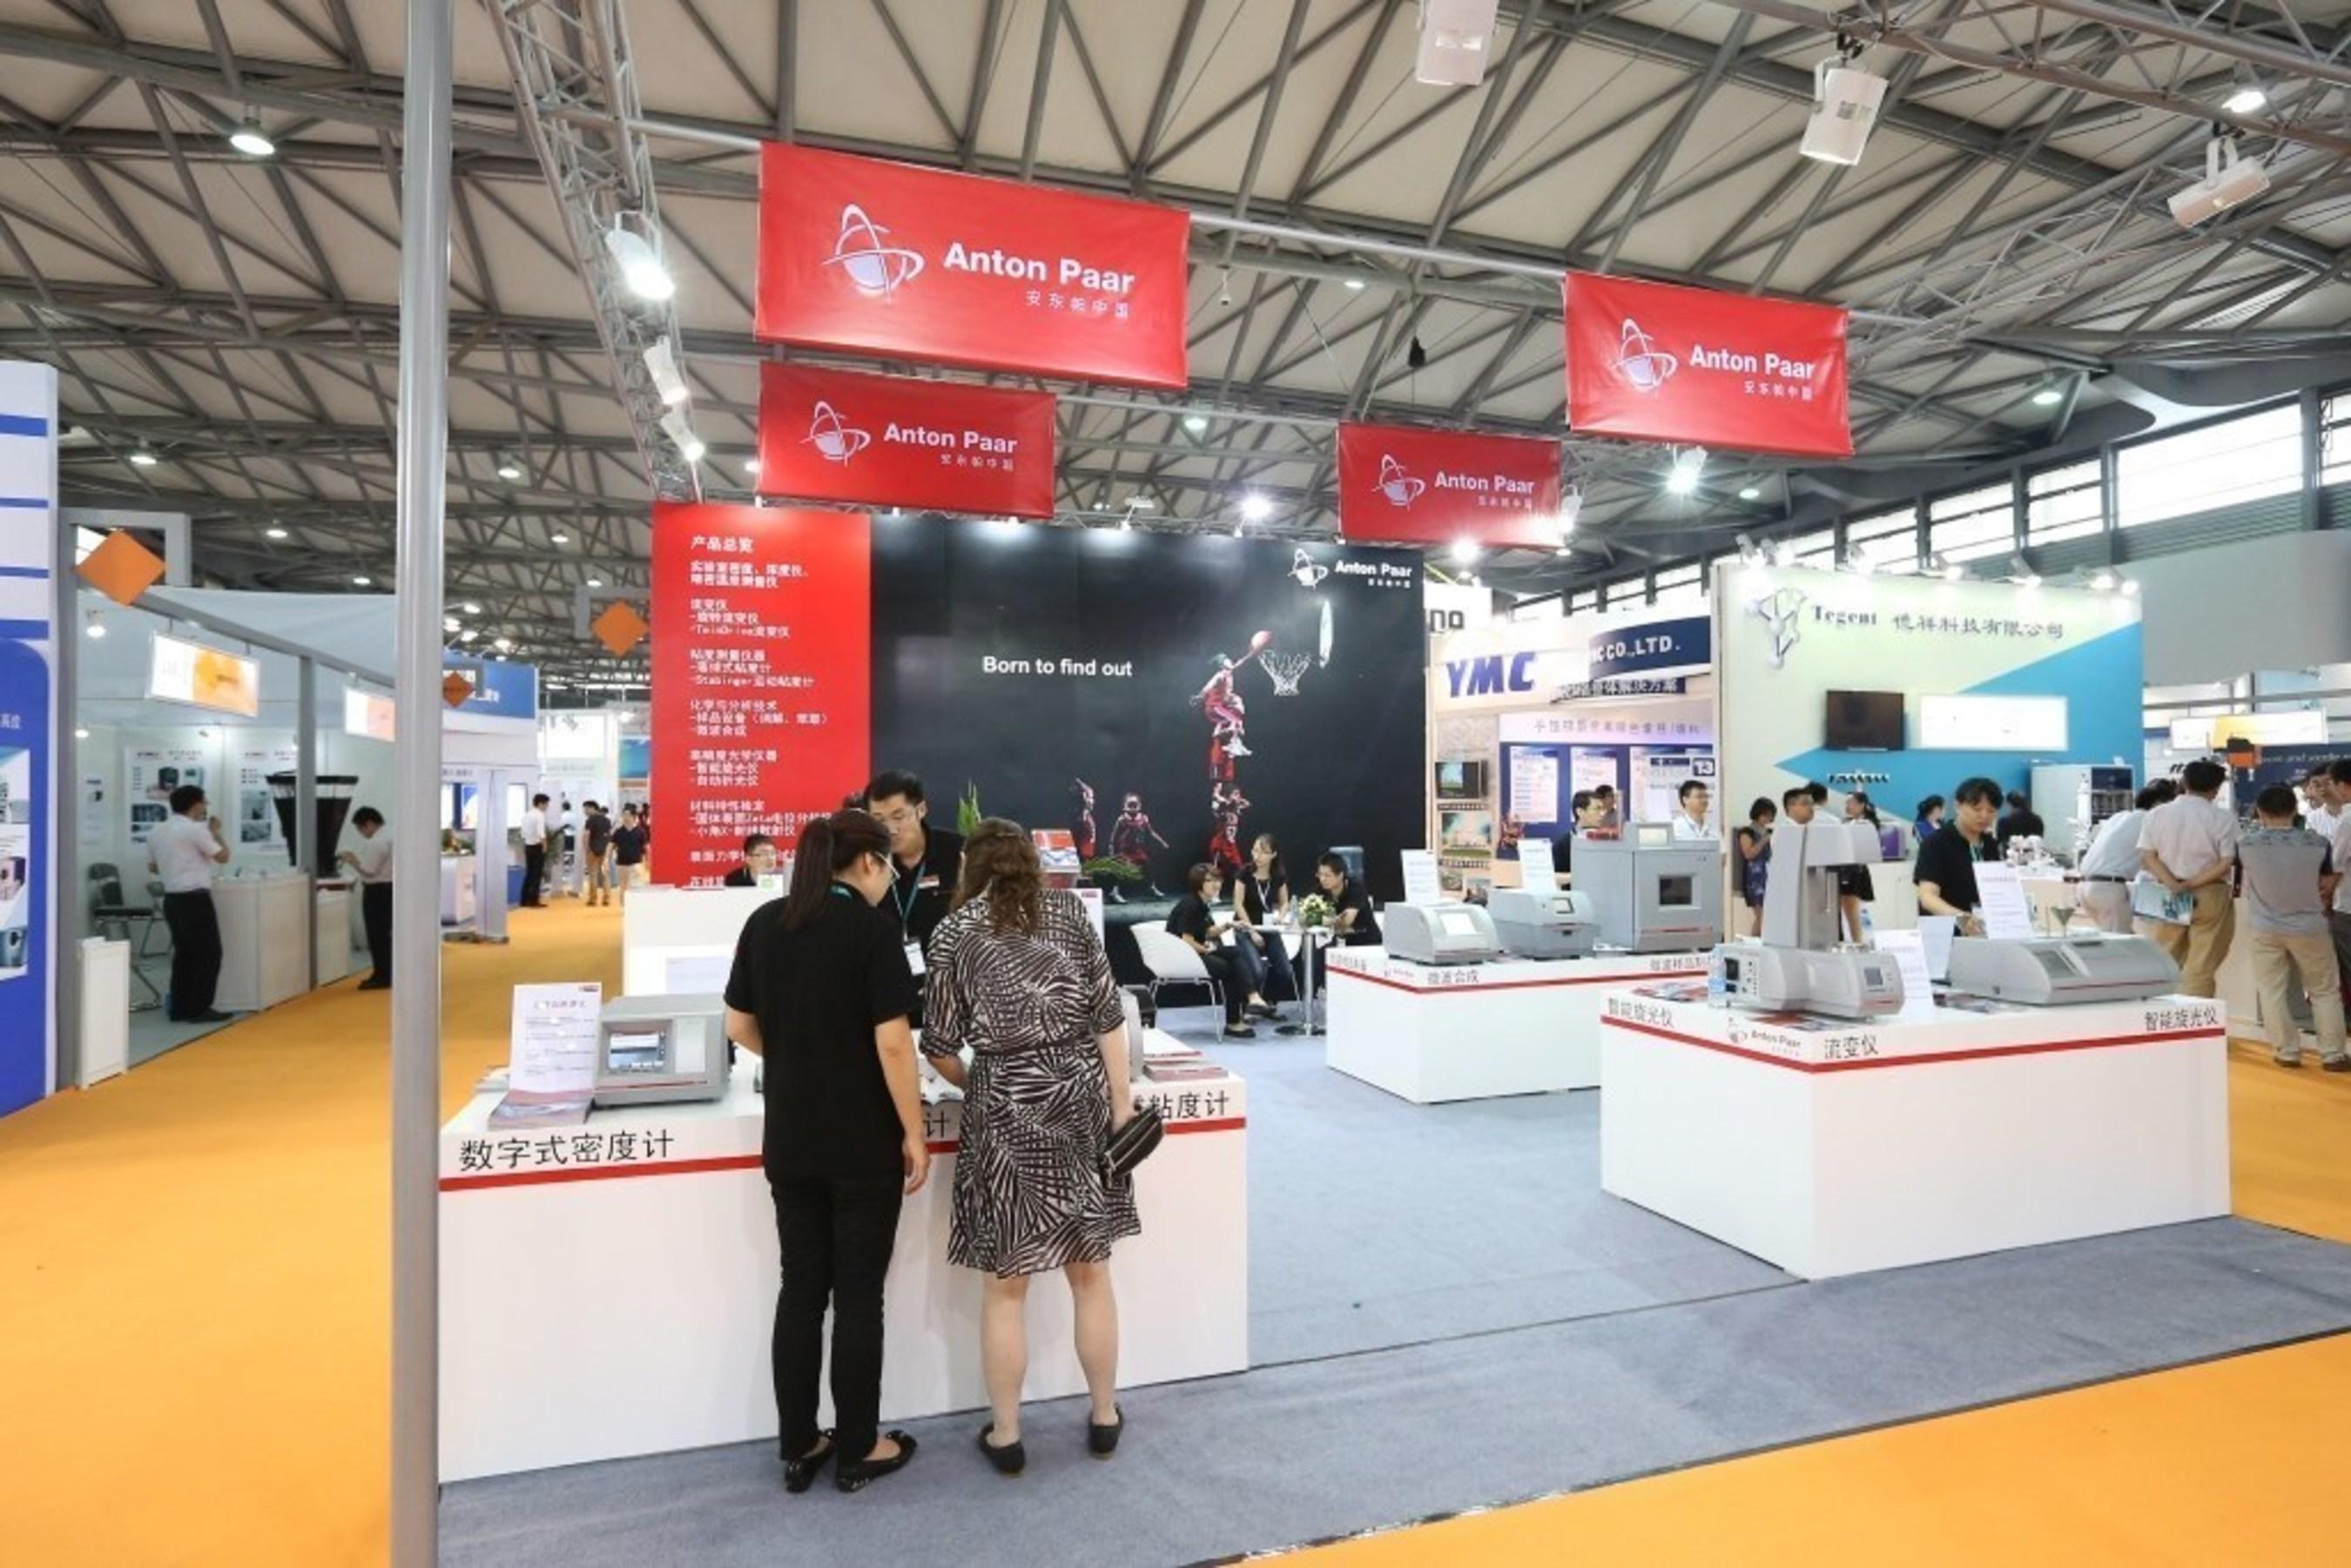 Shanghai New International Expo Center (SNIEC)